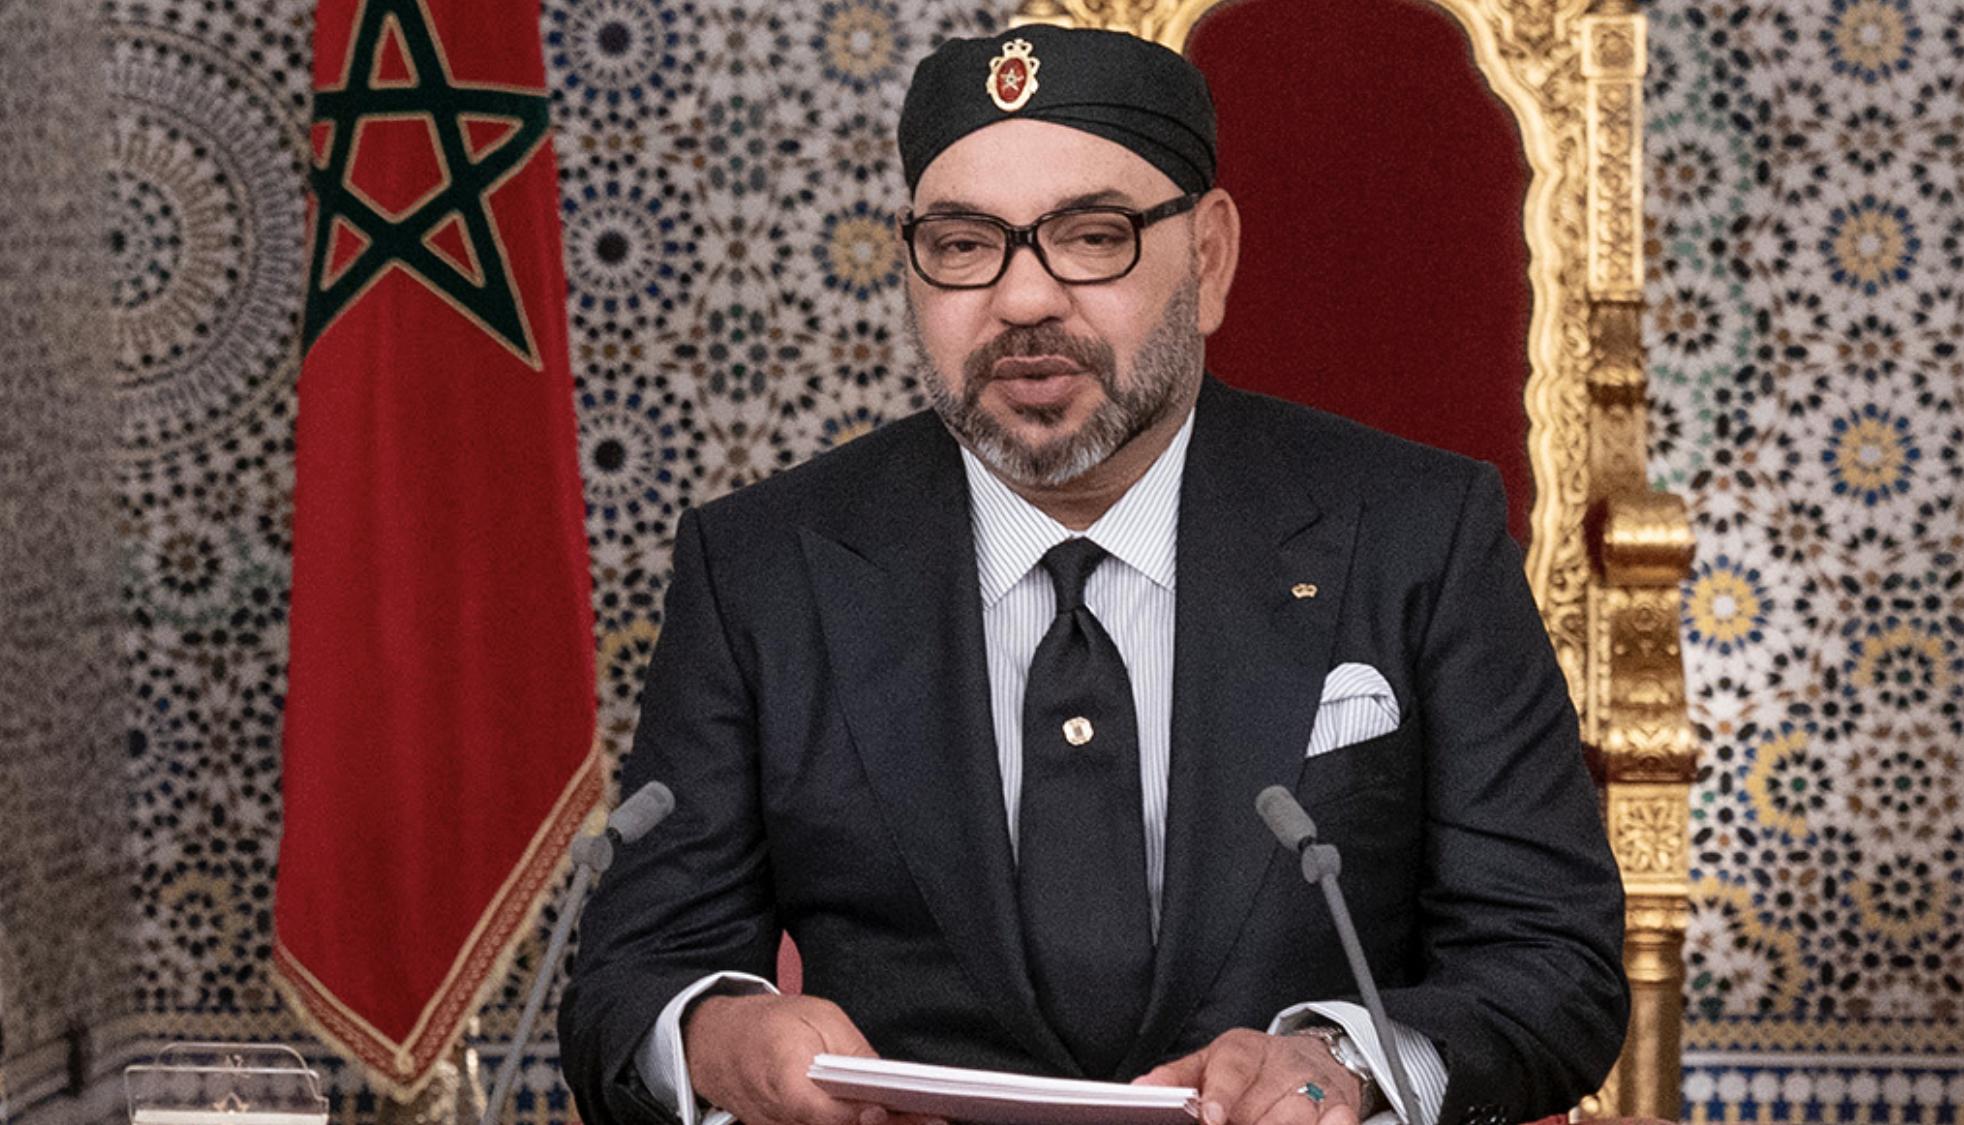 دعواتٌ لإشراك أطر مغاربة المهجر في حكومة الكفاءات التي دعا إليها المٓلك